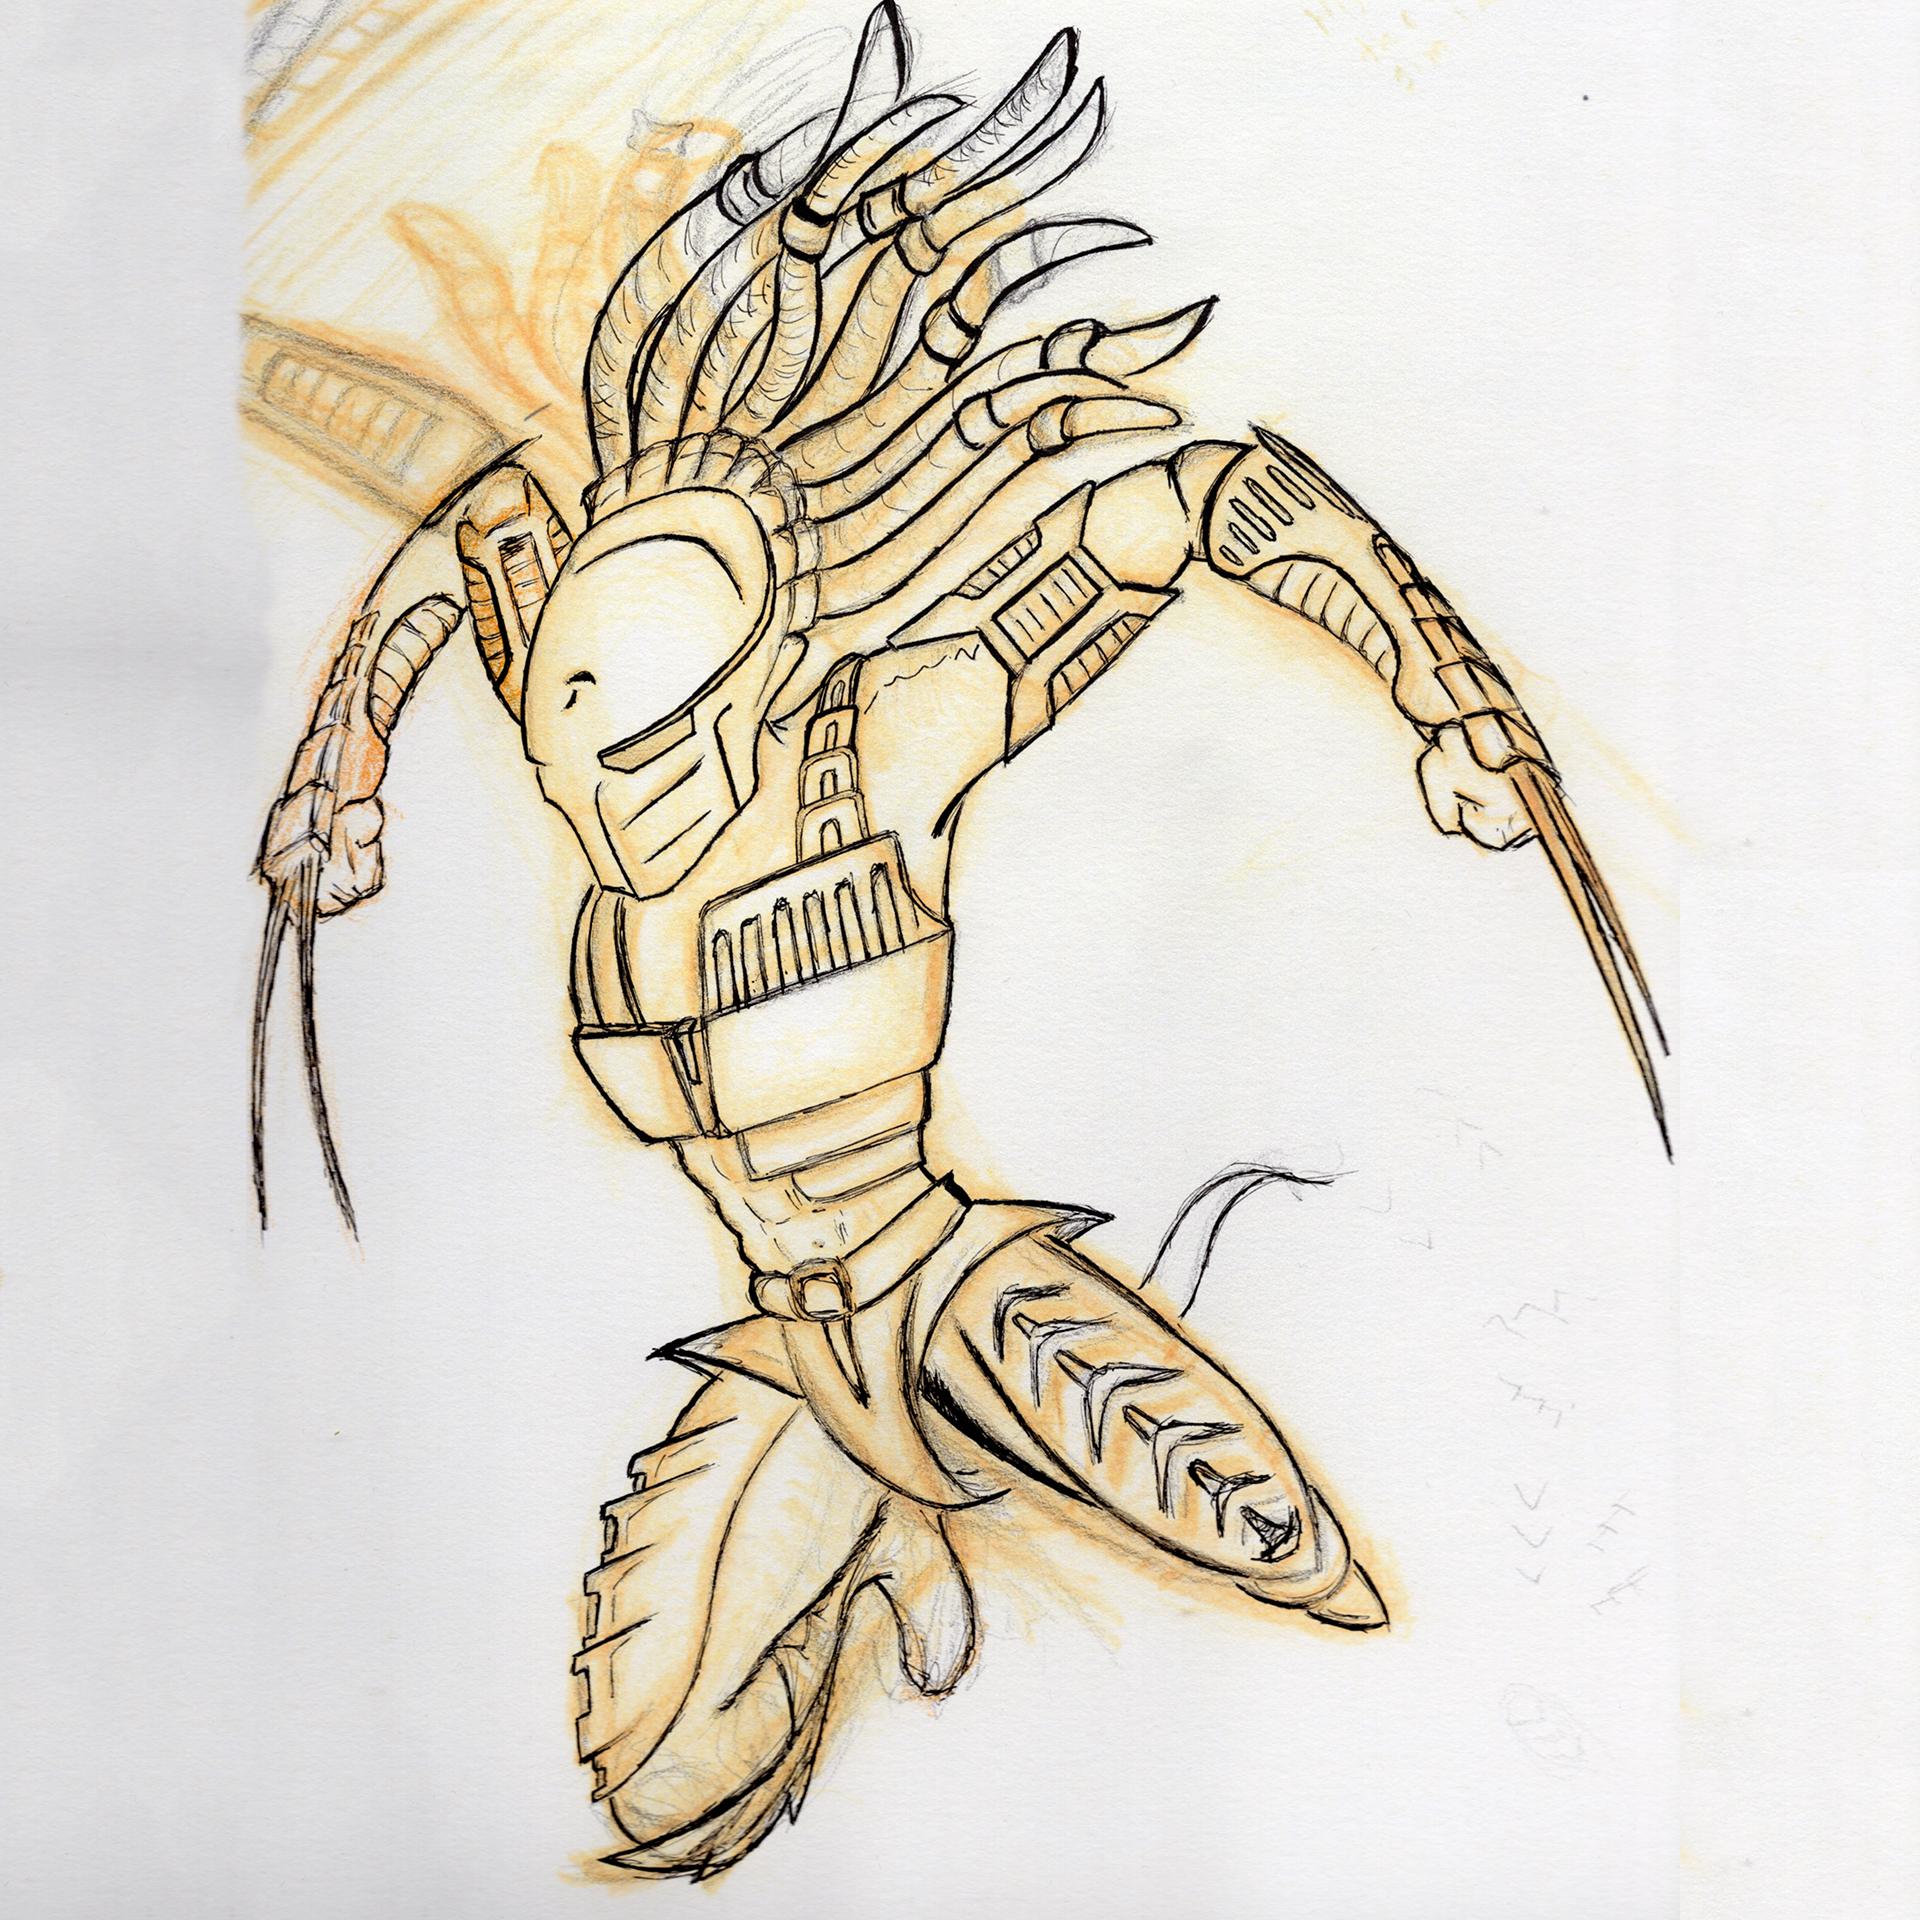 yautja-warrior-illustration-02.jpg